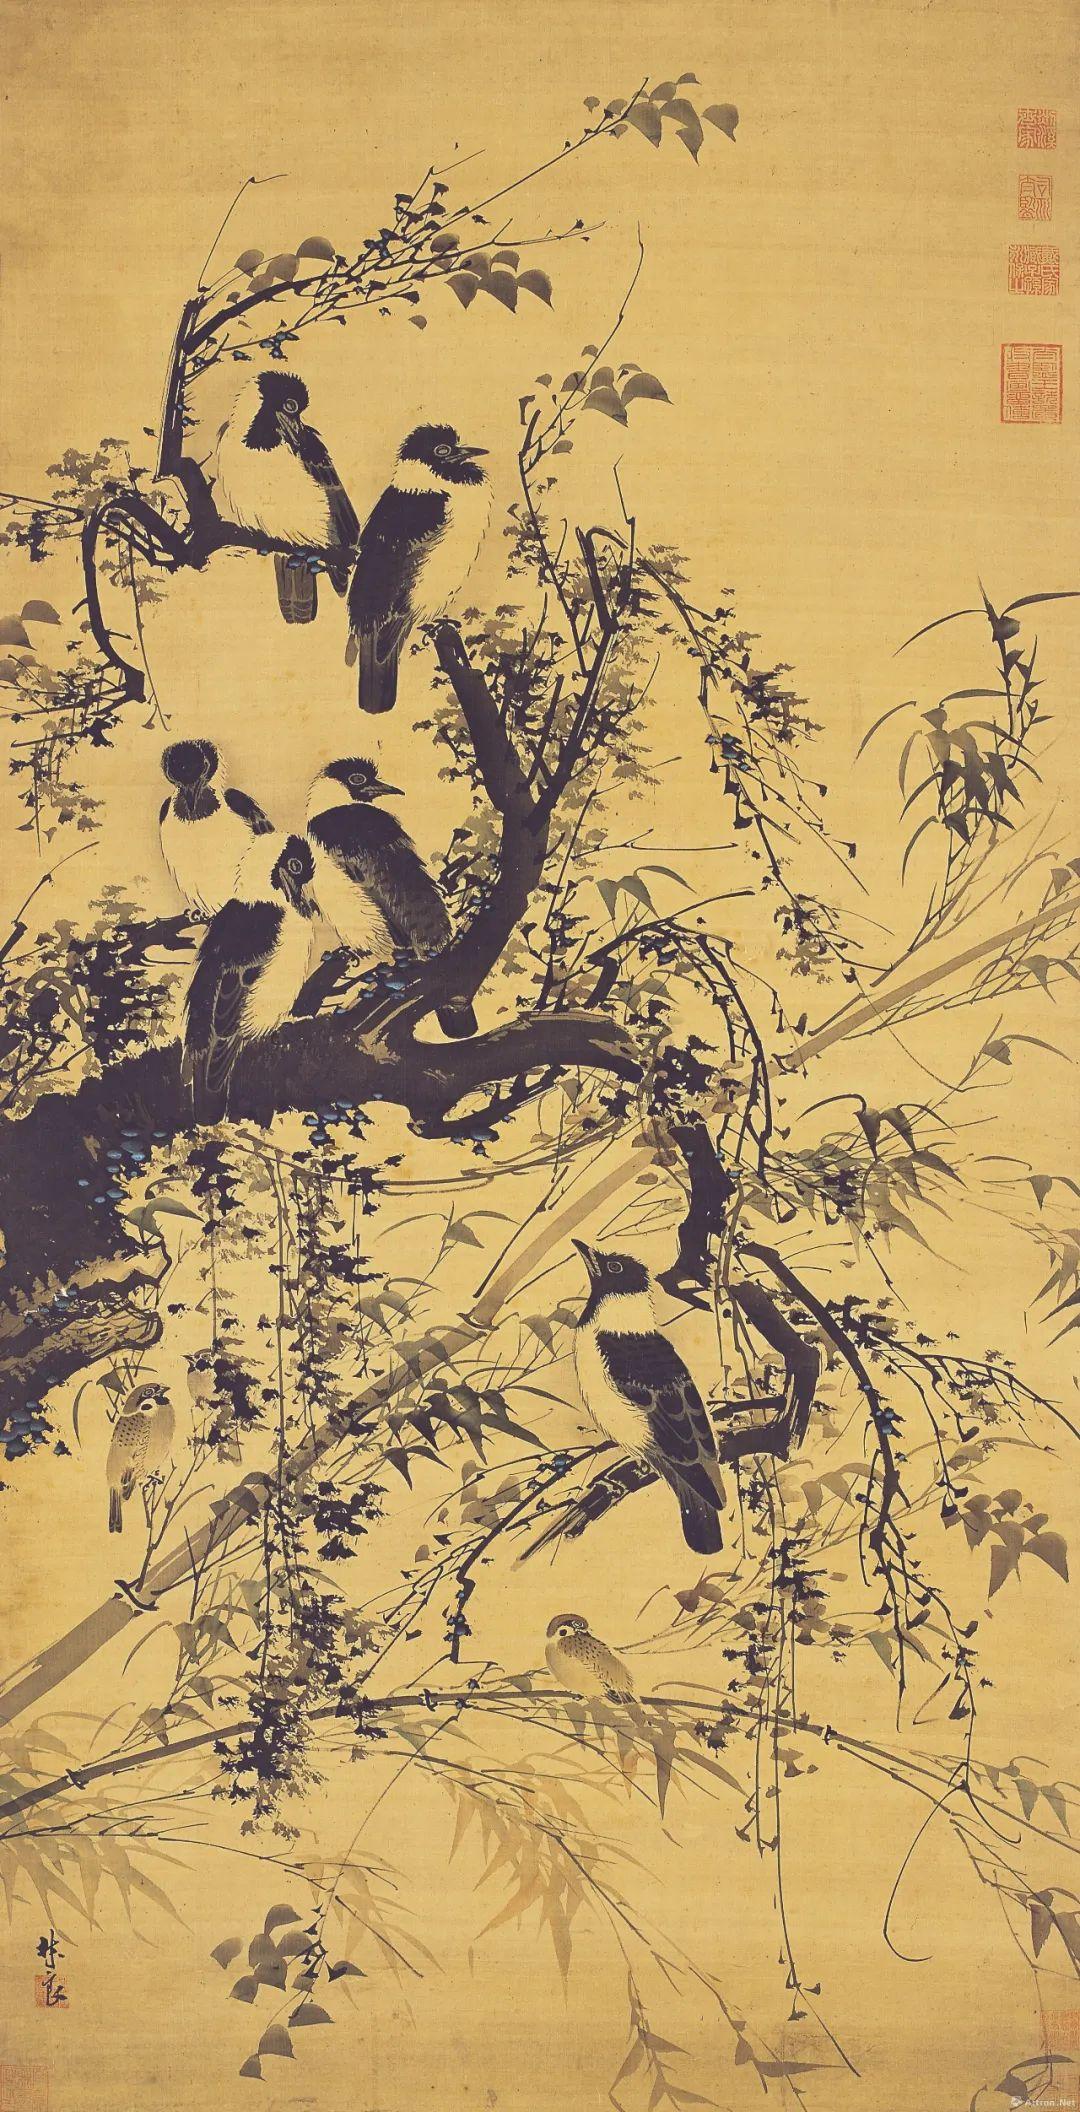 ▲林良 秋树聚禽图 152.5×77cm 绢本设色 明 广州艺术博物院藏